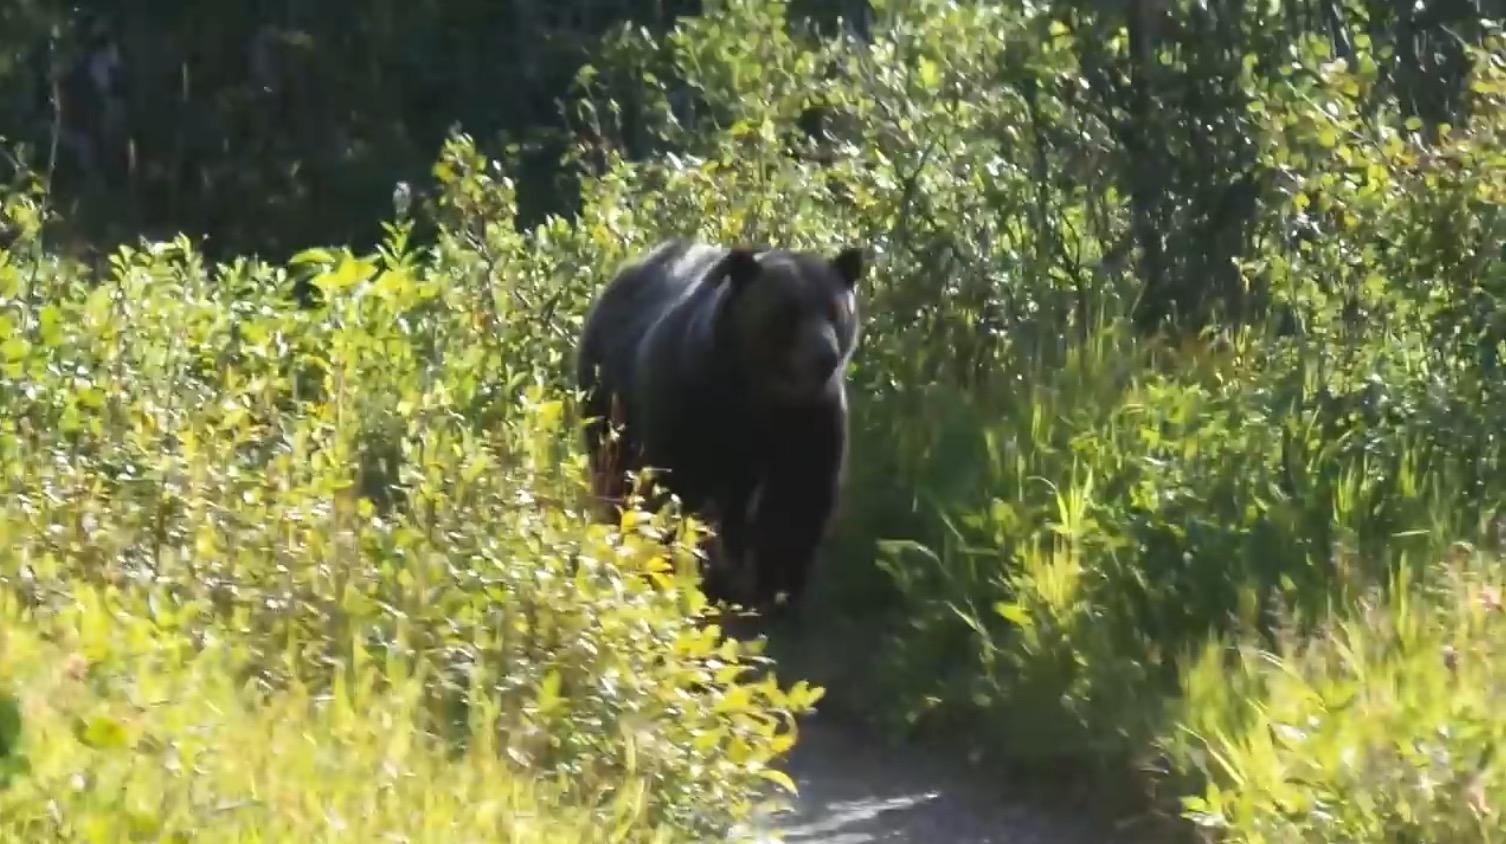 ハイキングをしていたら前方から巨大な熊が!生きた心地がしない。。